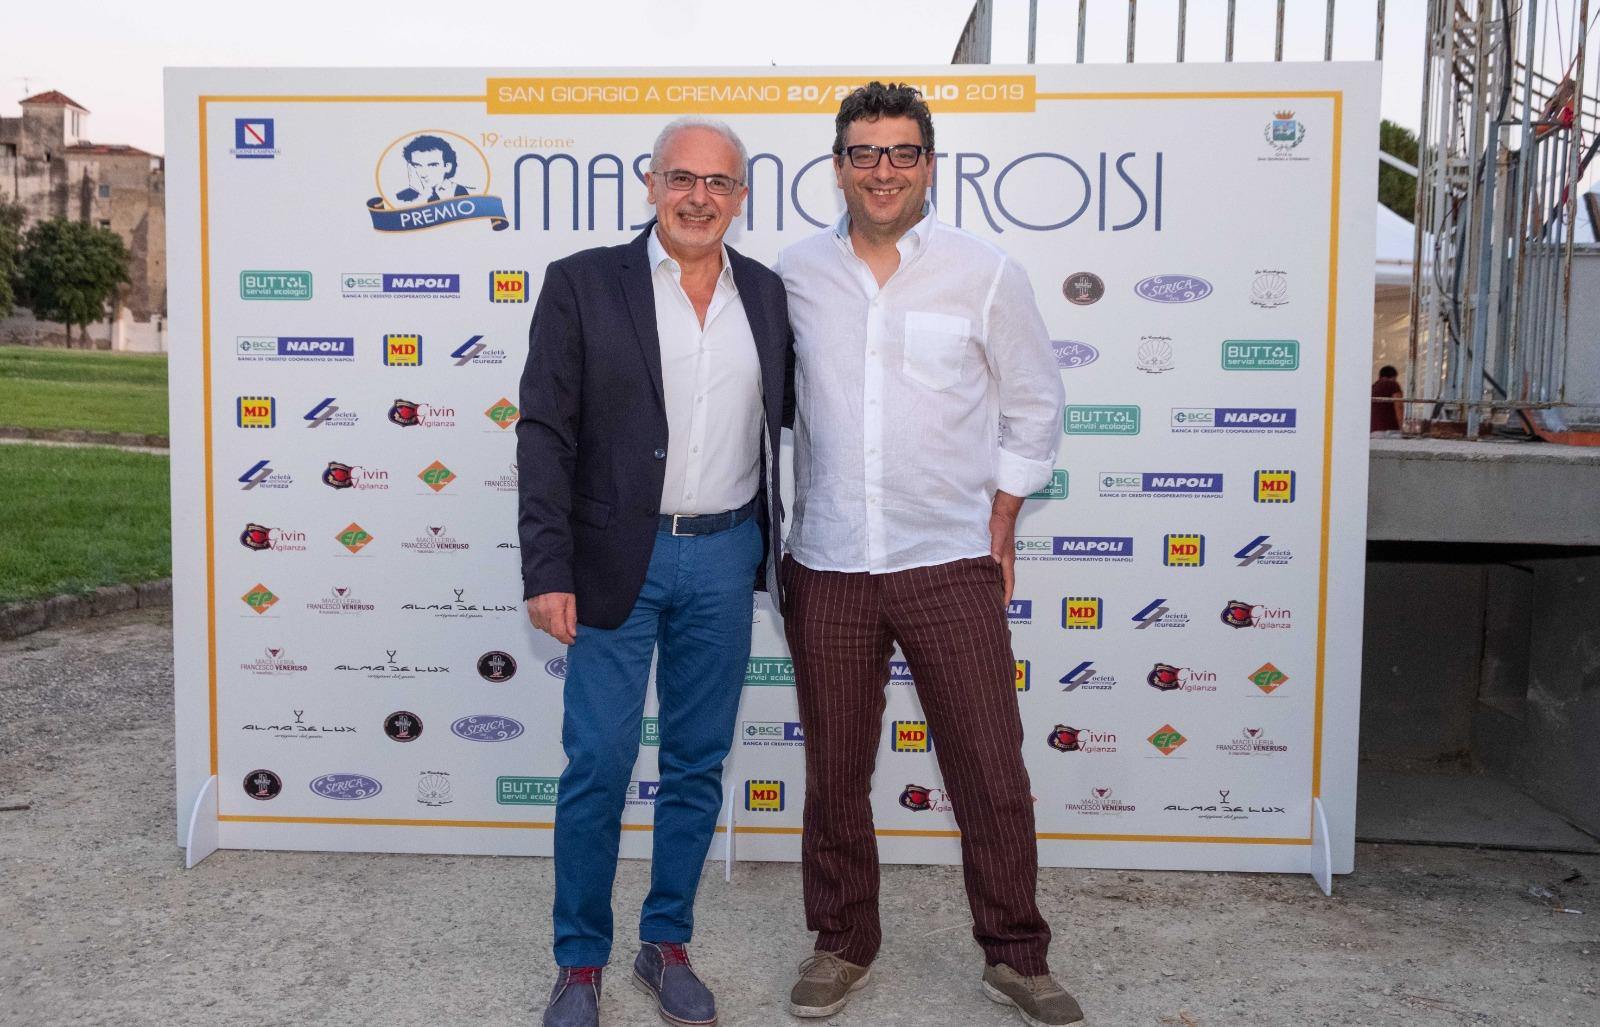 Premio Massimo Troisi | C&S | Ufficio Stampa Signorelli